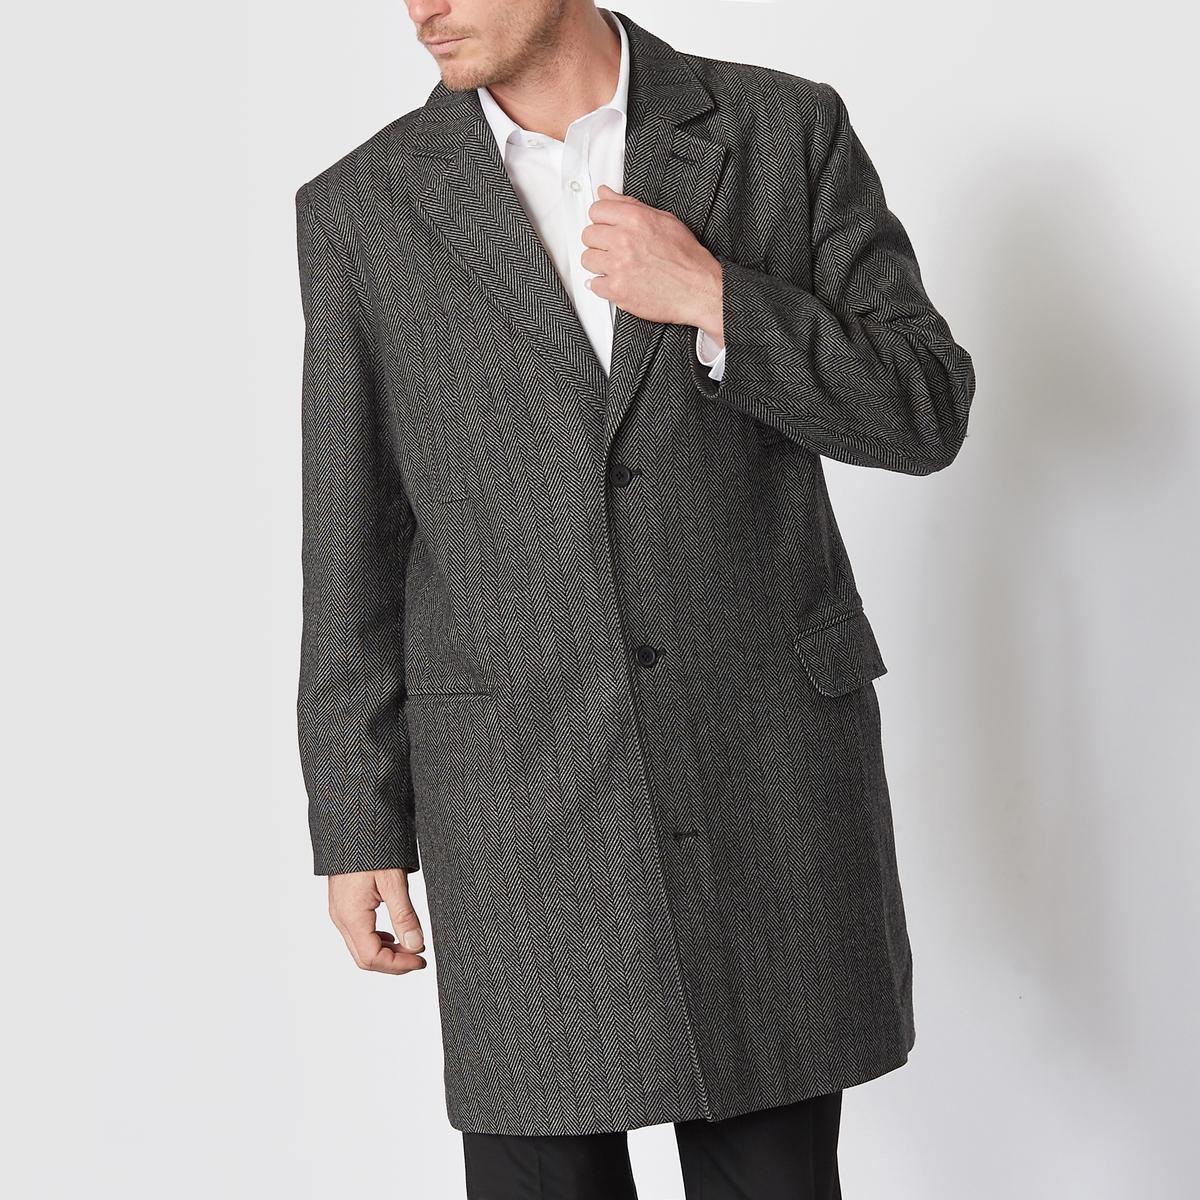 Пальто твидовое с рукавами ?, с узором шевронПальто твидовое с рукавами ?. Очень элегантное, твидовое пальто из 50% полиэстера, 25% акрила, 15% шерсти, 5% вискозы, 5% других волокон. Подкладка: 100% полиэстера. 2 передних кармана с клапанами, 2 нагрудных кармана и 2 внутренних кармана. Шлица сзади. Длина: 96 см.<br><br>Цвет: серый<br>Размер: 60.72